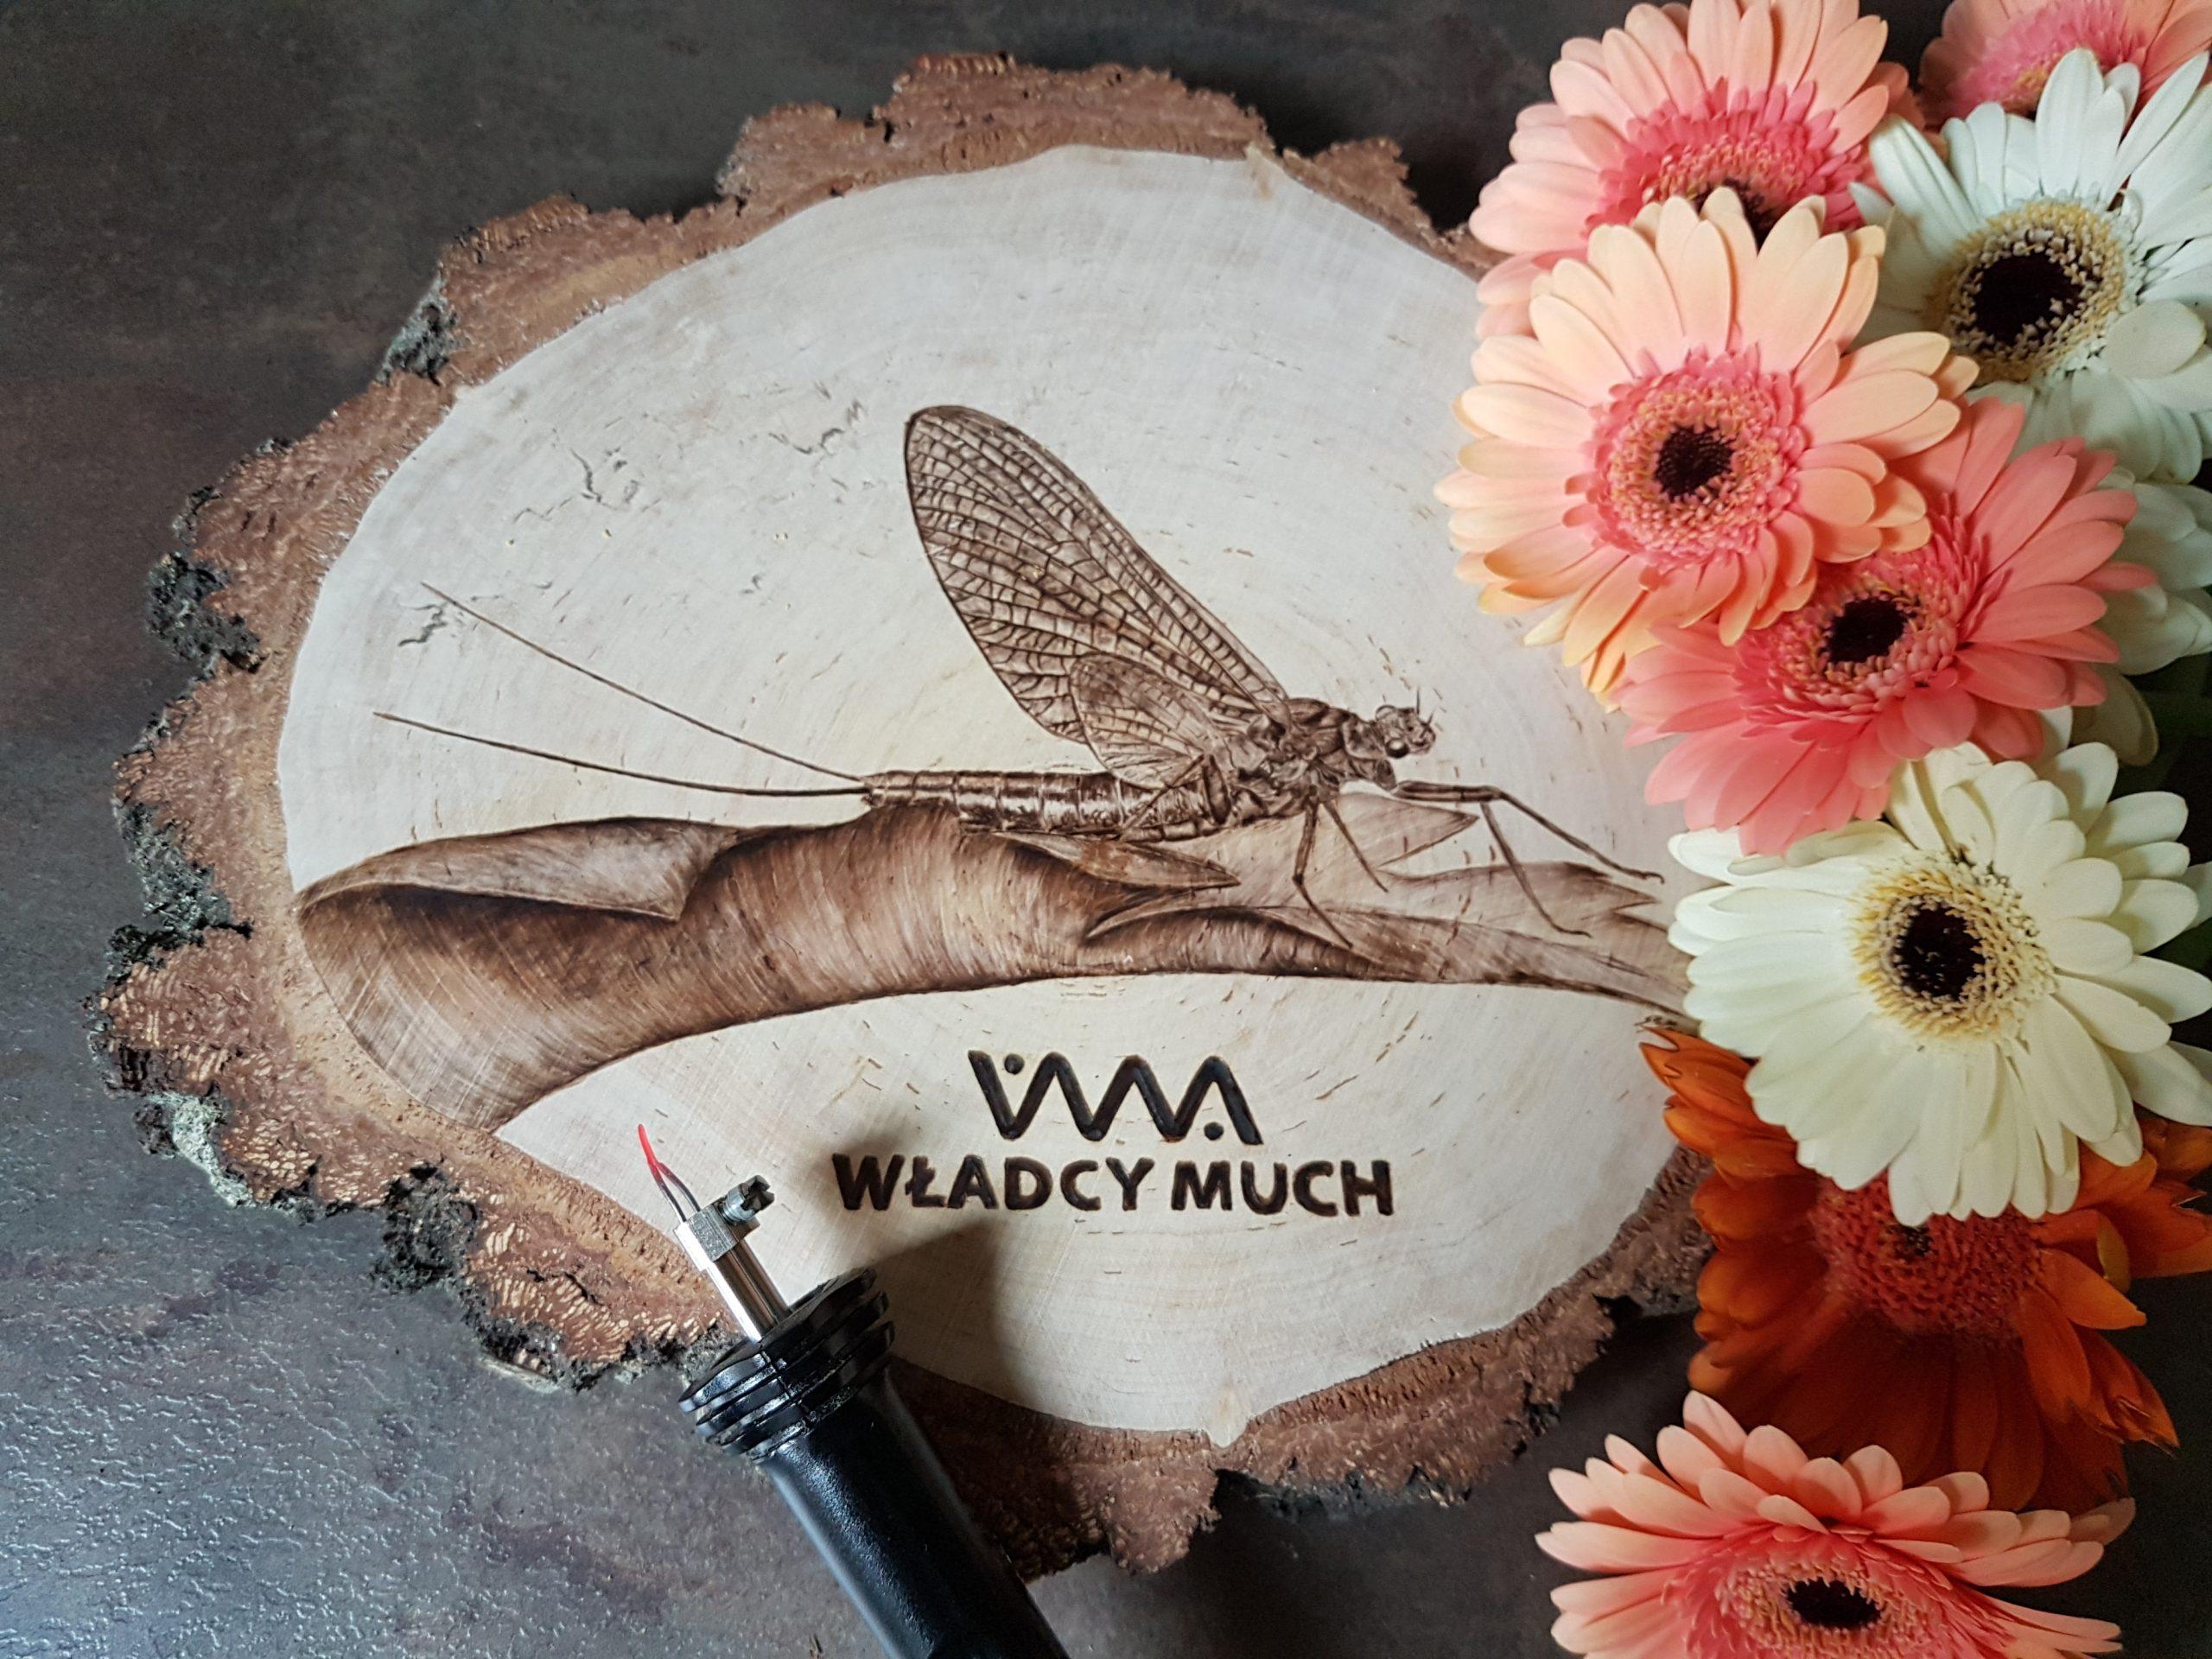 wypalanie w drewnie, sylwia, pirografia, janczyszyn, pyrography, handmade, rękodzieło, pomysł na prezent, owady